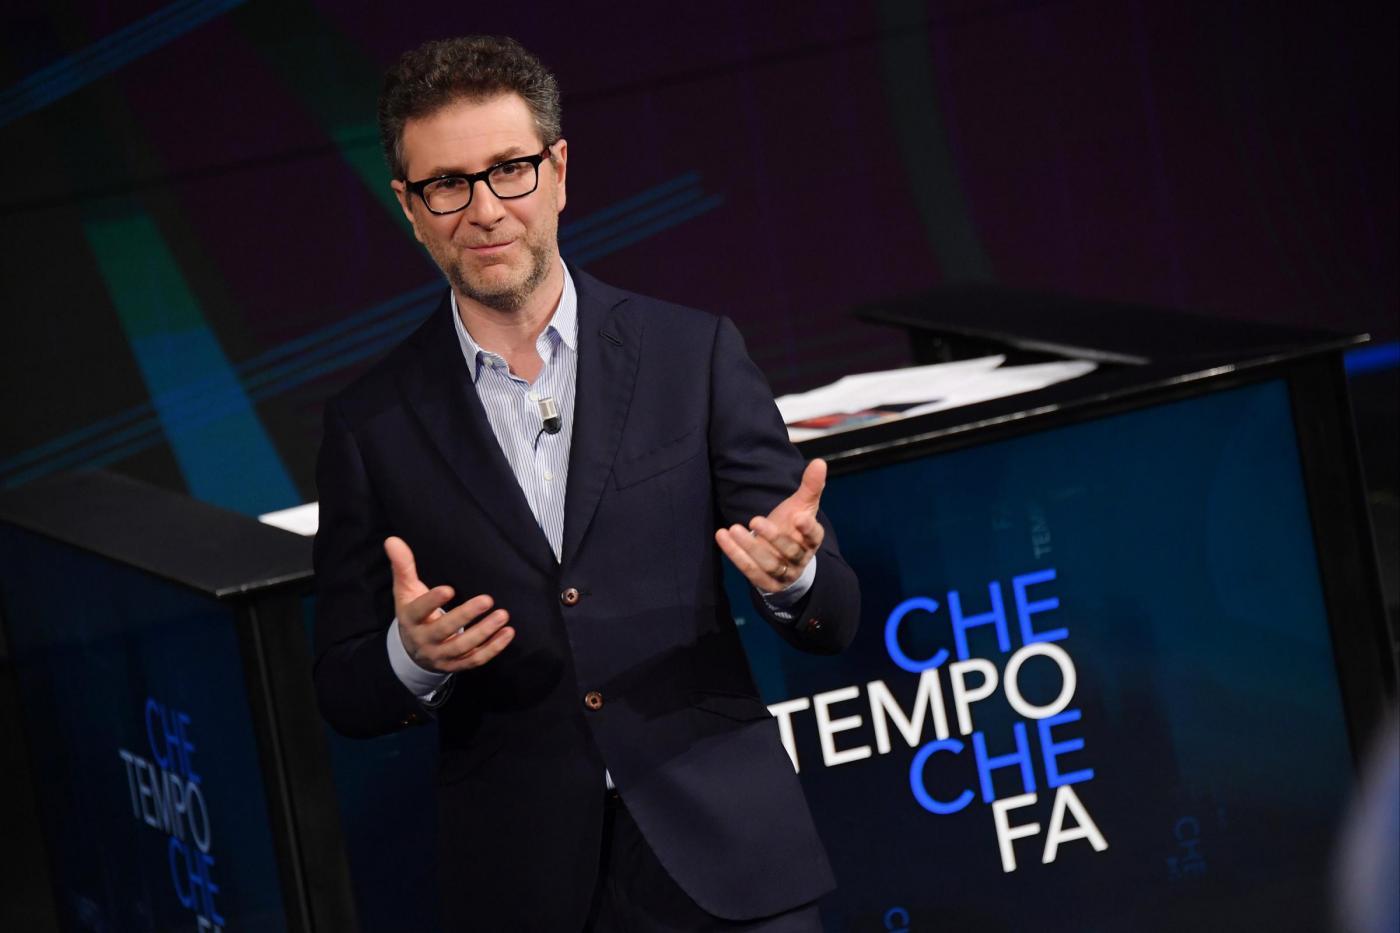 Fabio Fazio lascia la Rai e vola a Mediaset? 'Non avrei nessuna difficoltà'